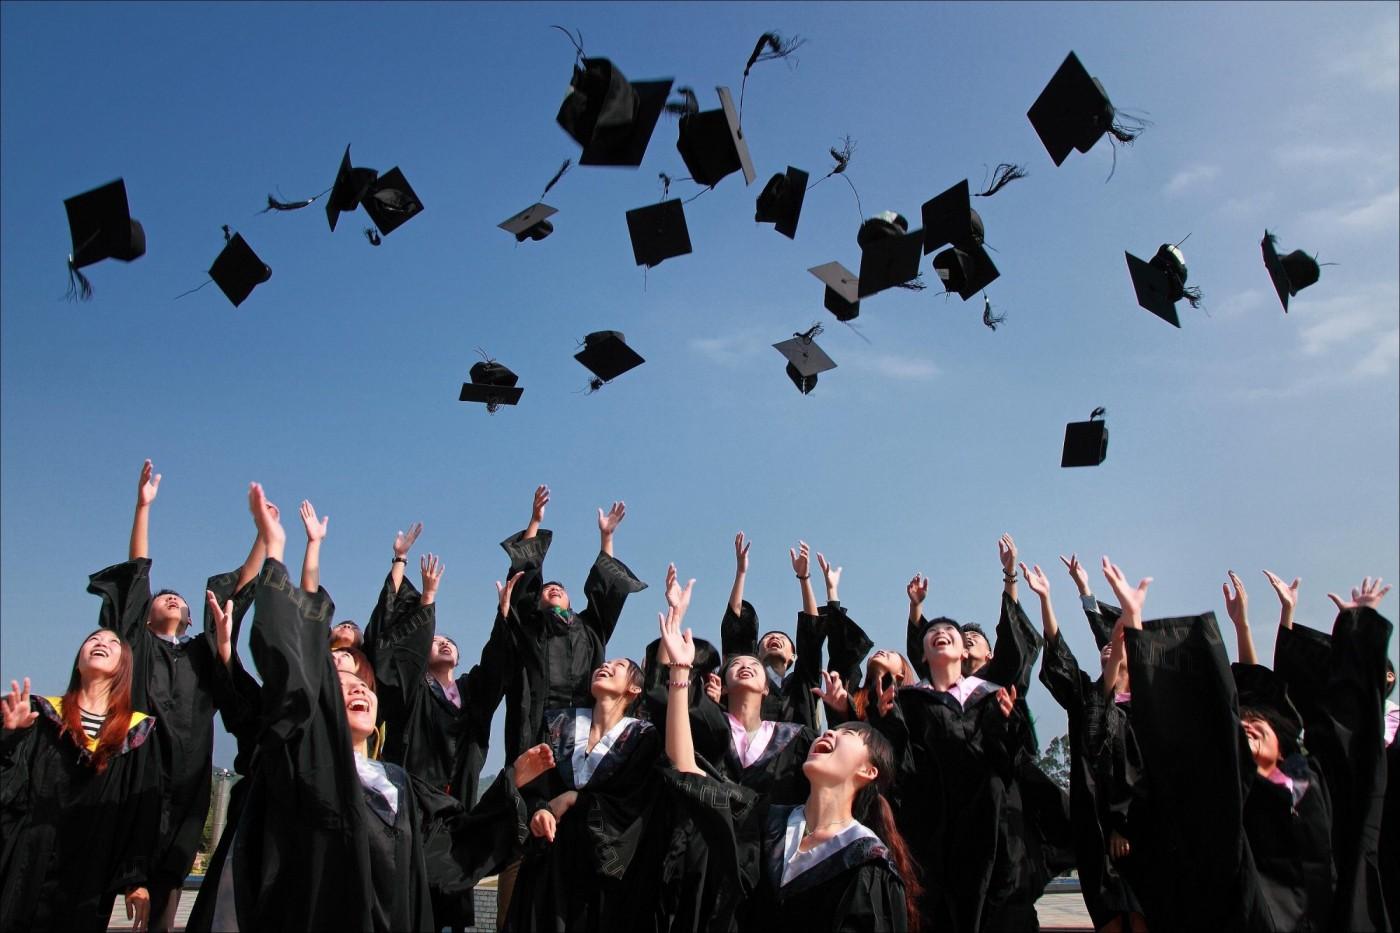 畢業證書也上鏈!區塊鏈新創圖靈鏈、資策會合組聯盟為哪樁?